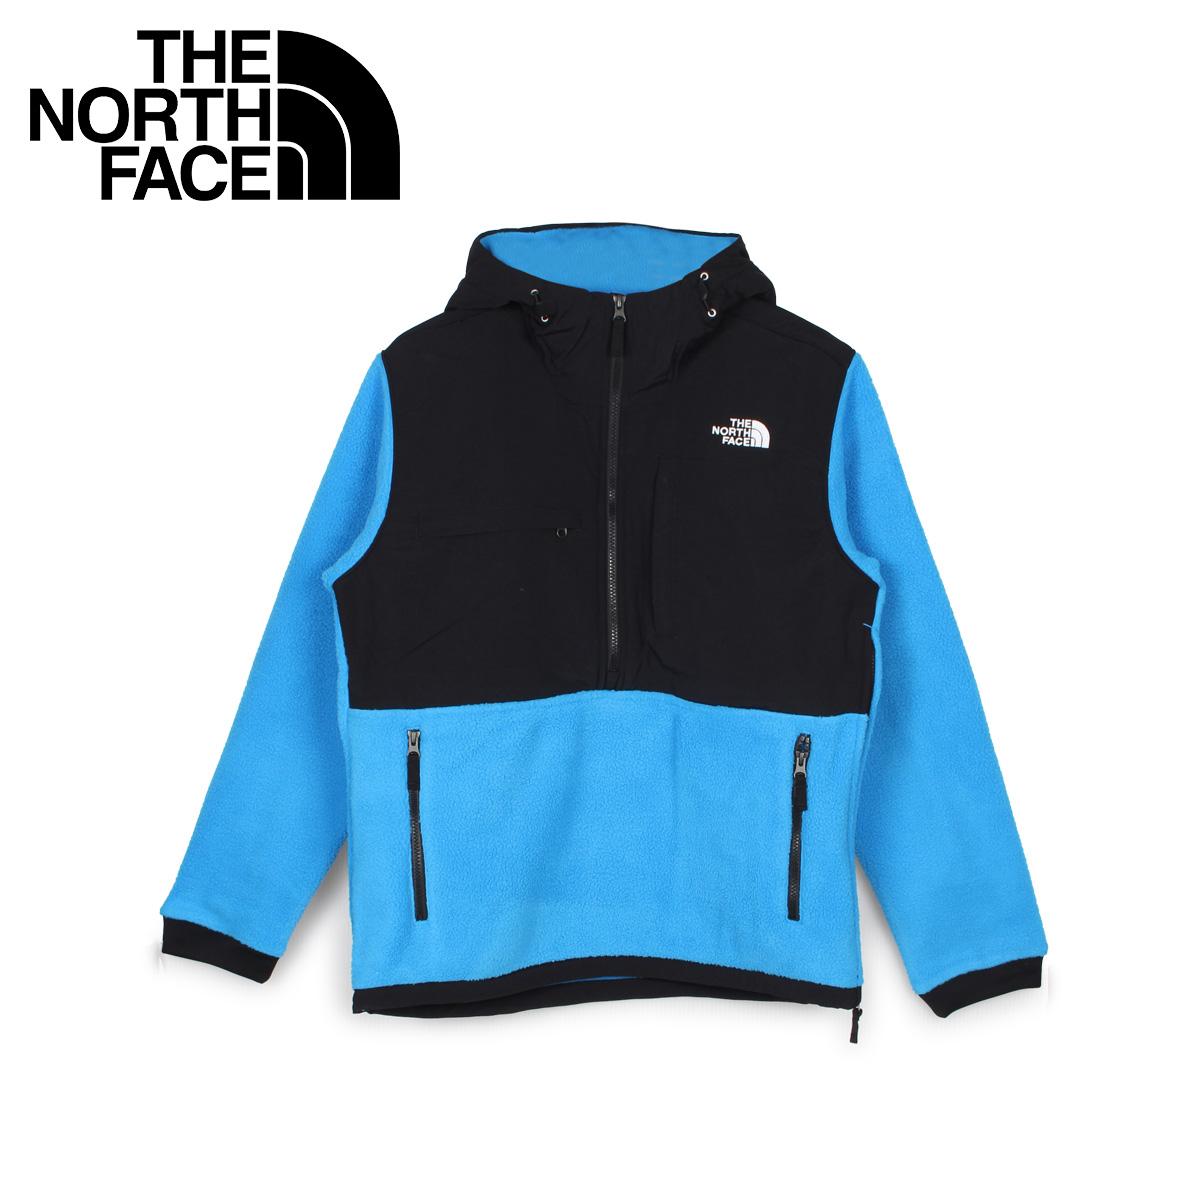 THE NORTH FACE ノースフェイス デナリ ジャケット マウンテンジャケット アノラック メンズ DENALI ANORAK 2 ブルー NF0A3XAV [7/14 新入荷]